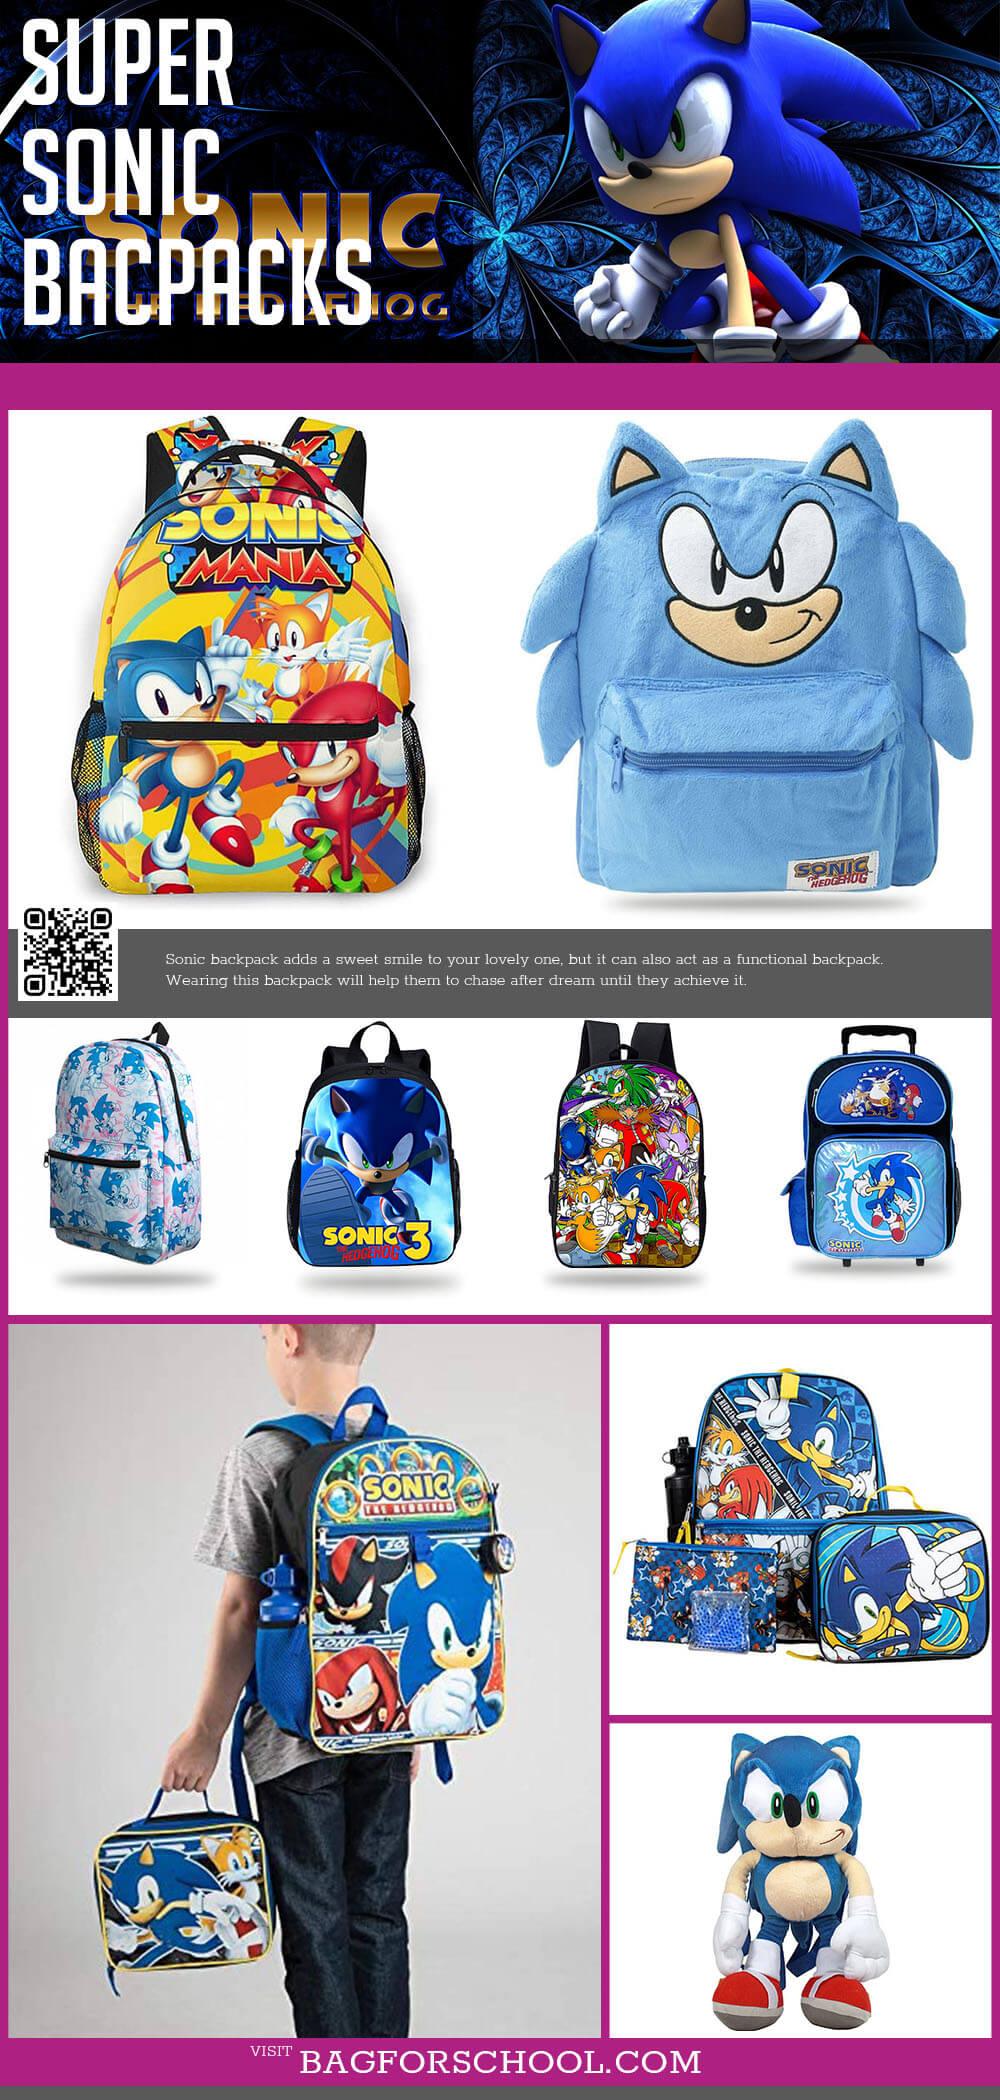 Super Sonic Backpacks